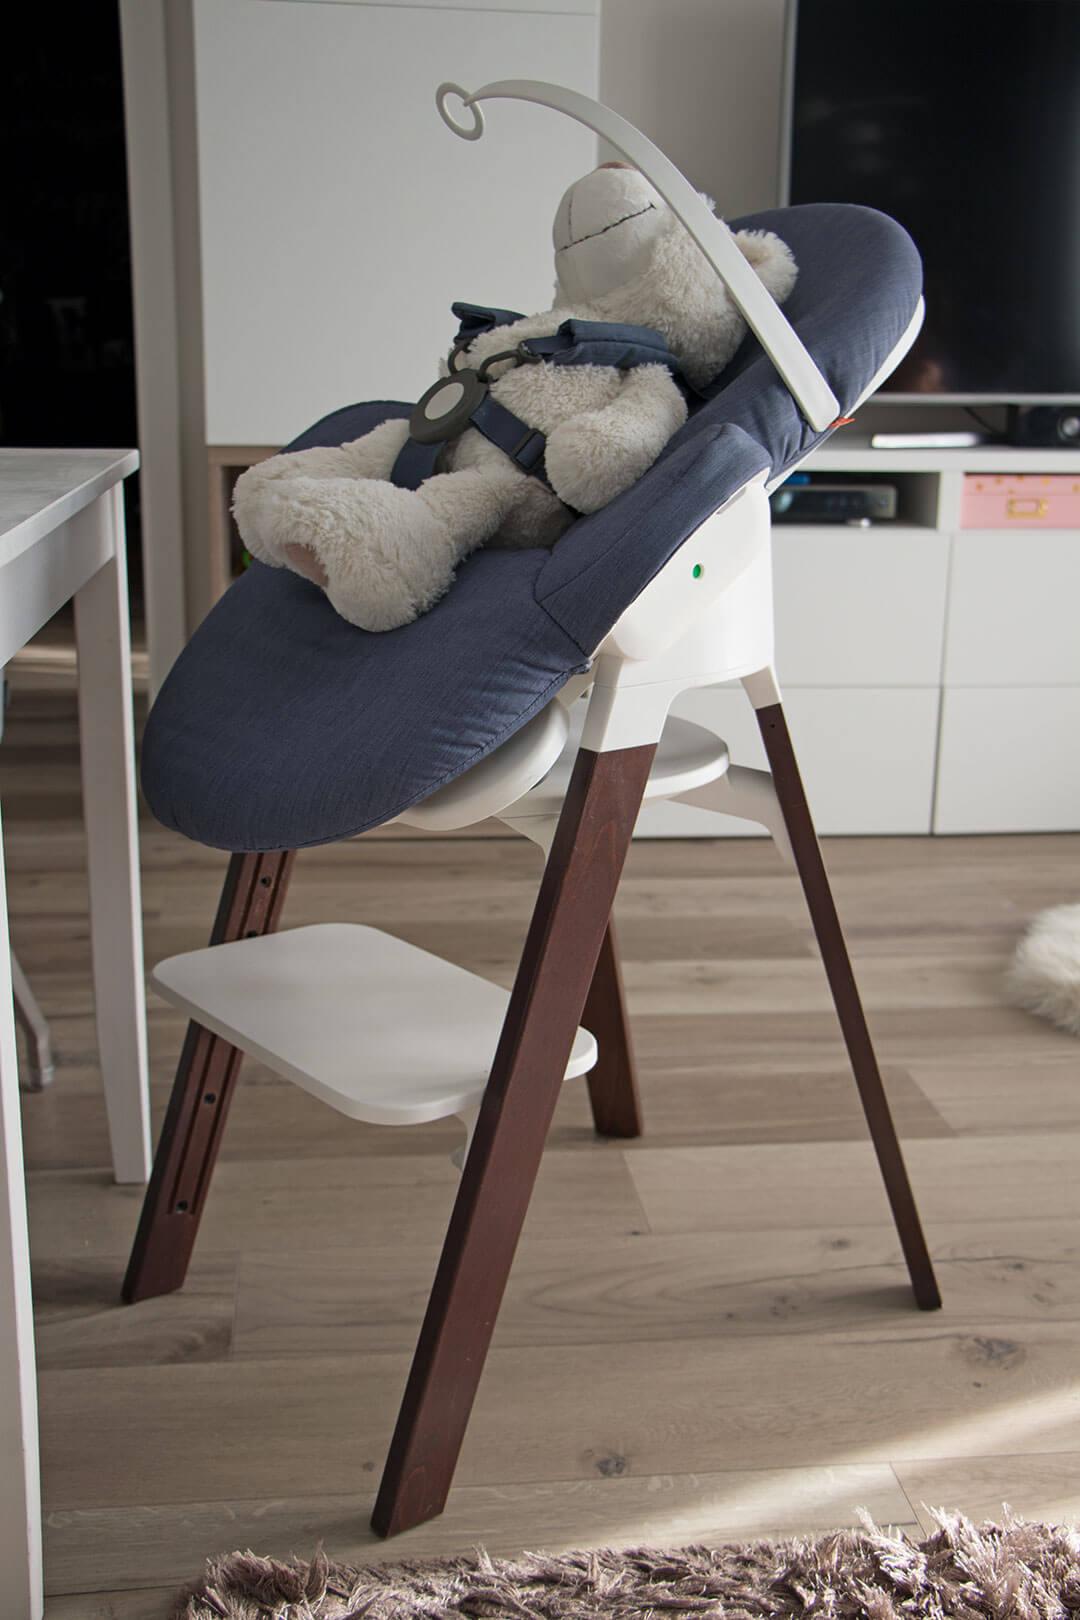 Stokke Steps Babywippe zusammen mit dem STOKKE Steps Hochstuhl